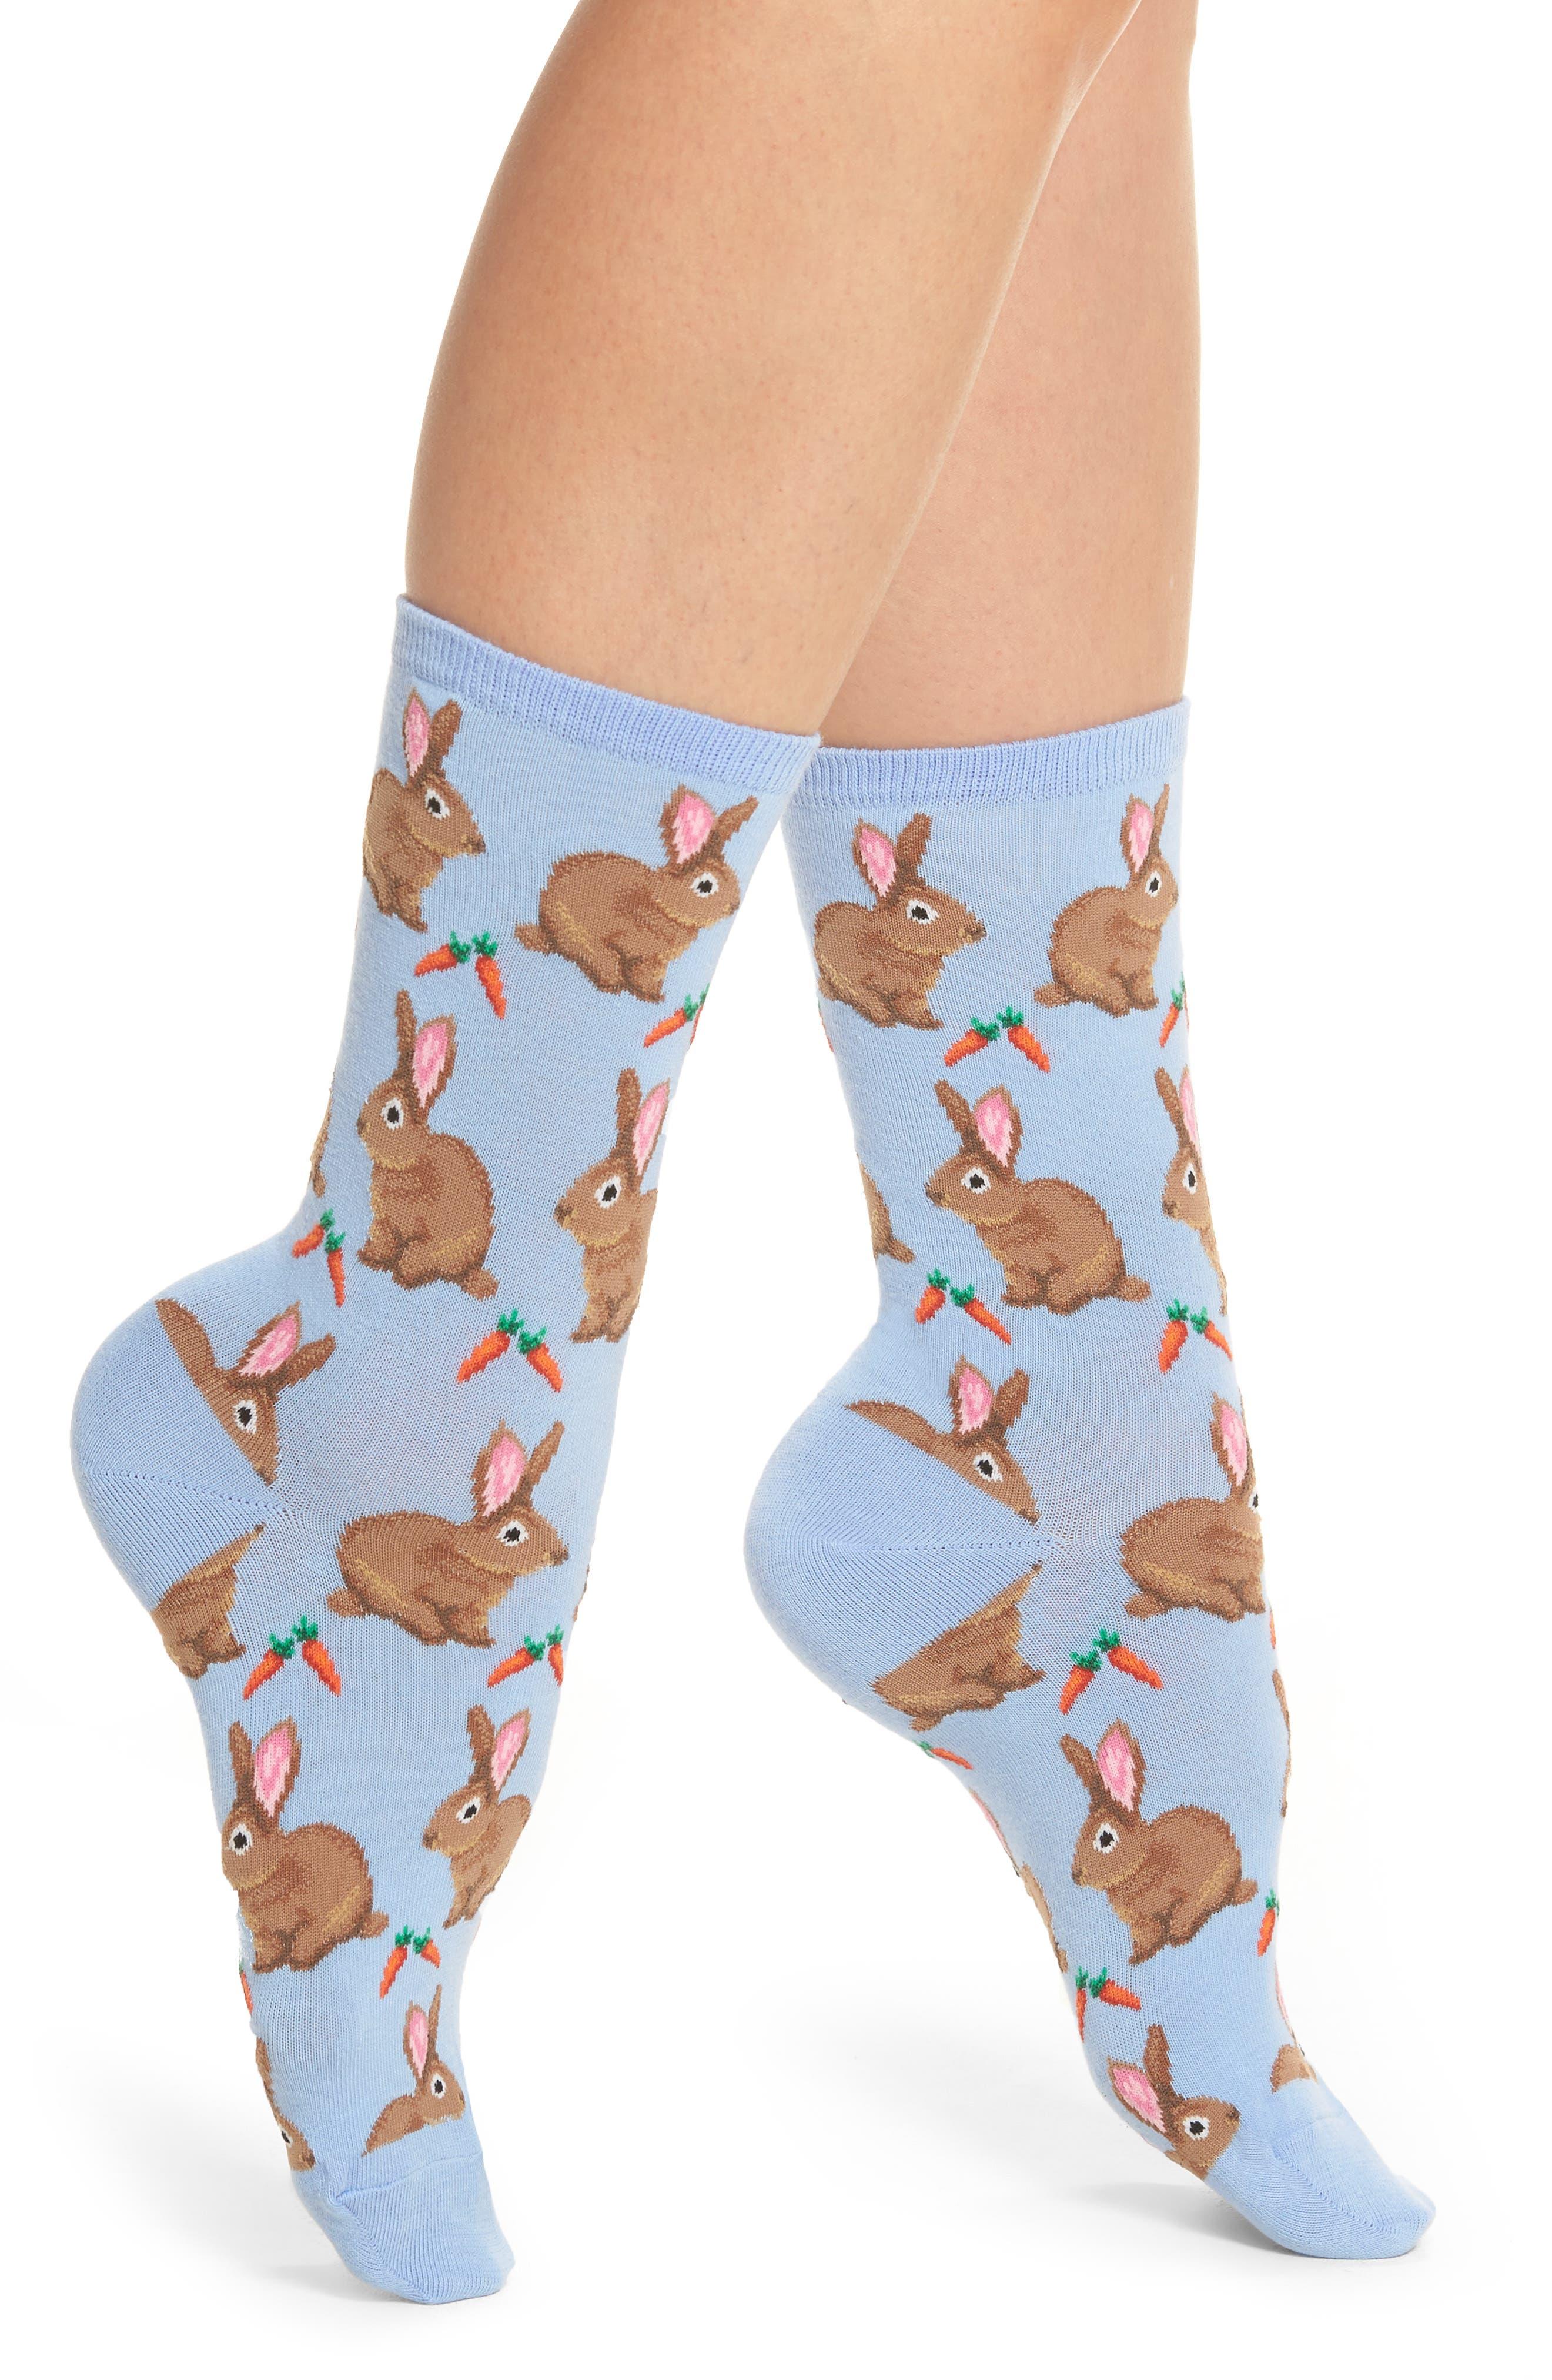 Main Image - Hot Sox Bunnies Crew Socks